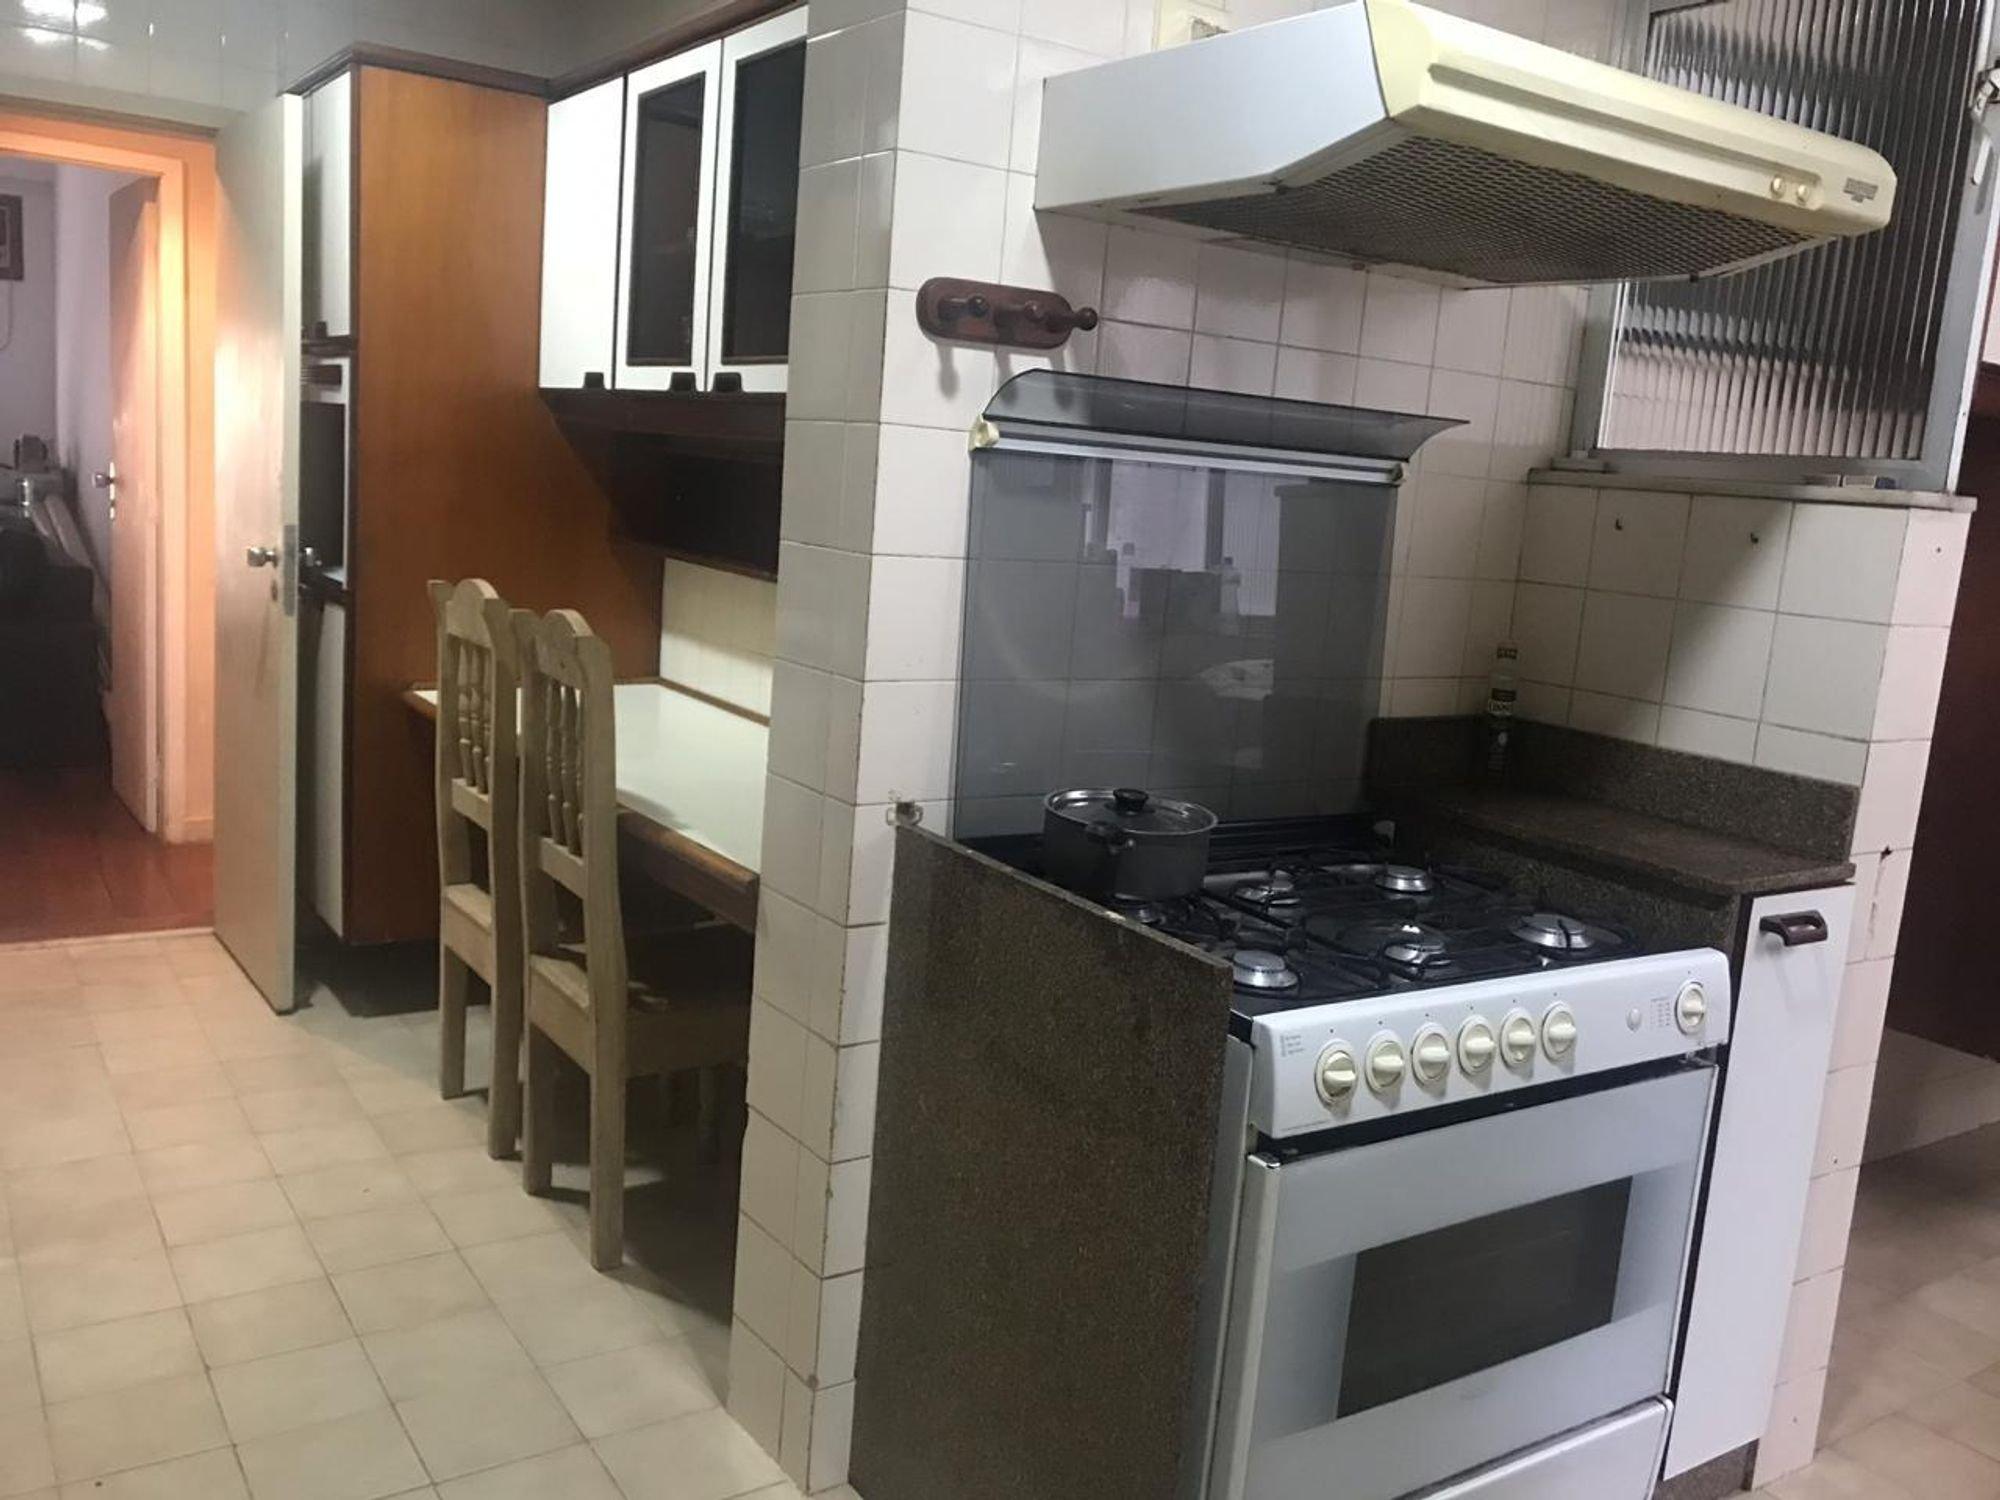 Foto de Cozinha com forno